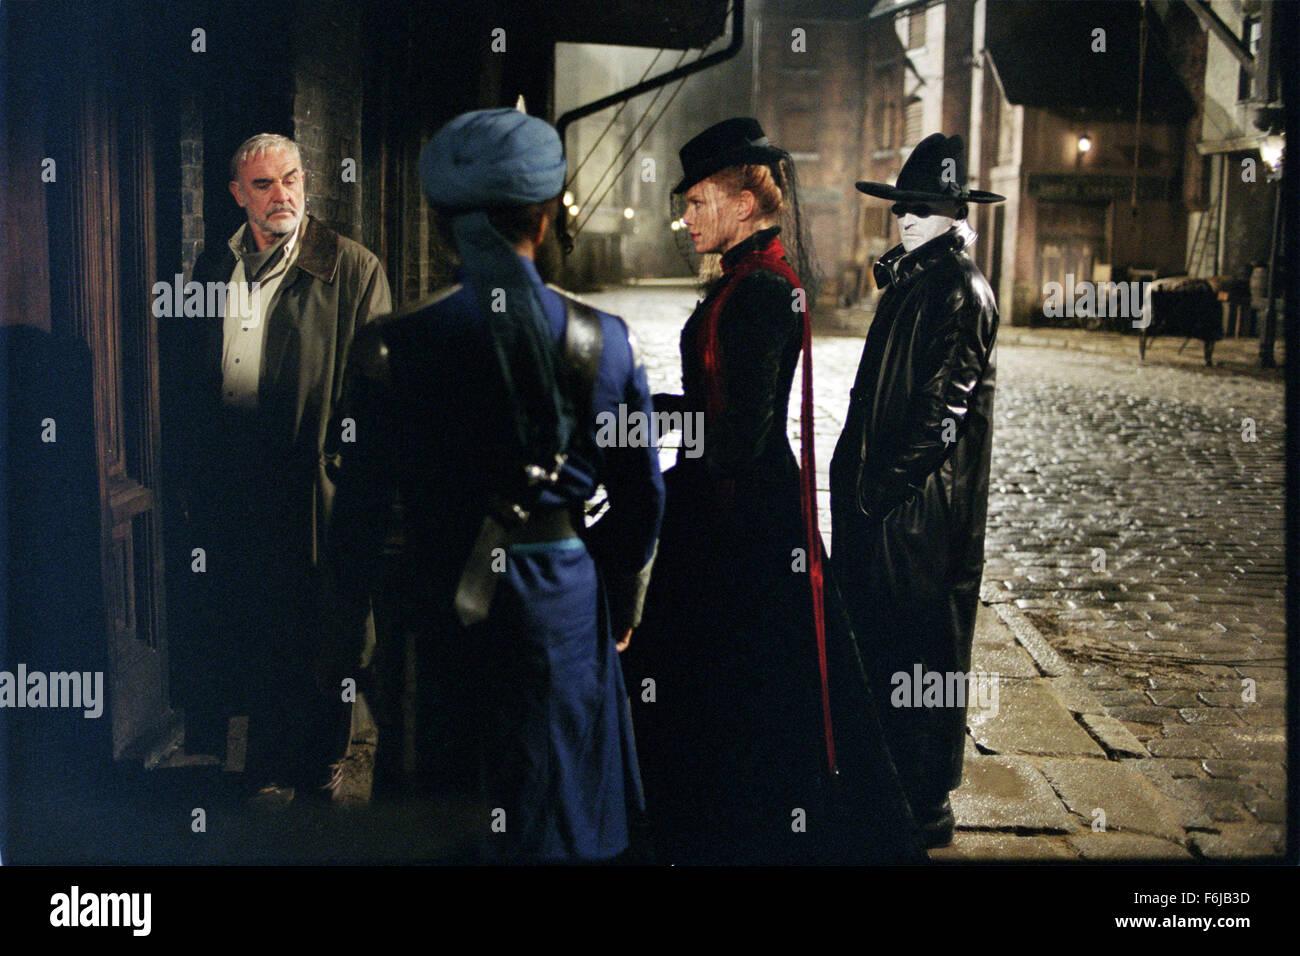 Jul 11, 2003; Calgary, AB, CANADA; SEAN CONNERY, PETA WILSON and TONY CURRAN star as Allan Quatermain, Mina Harker Stock Photo